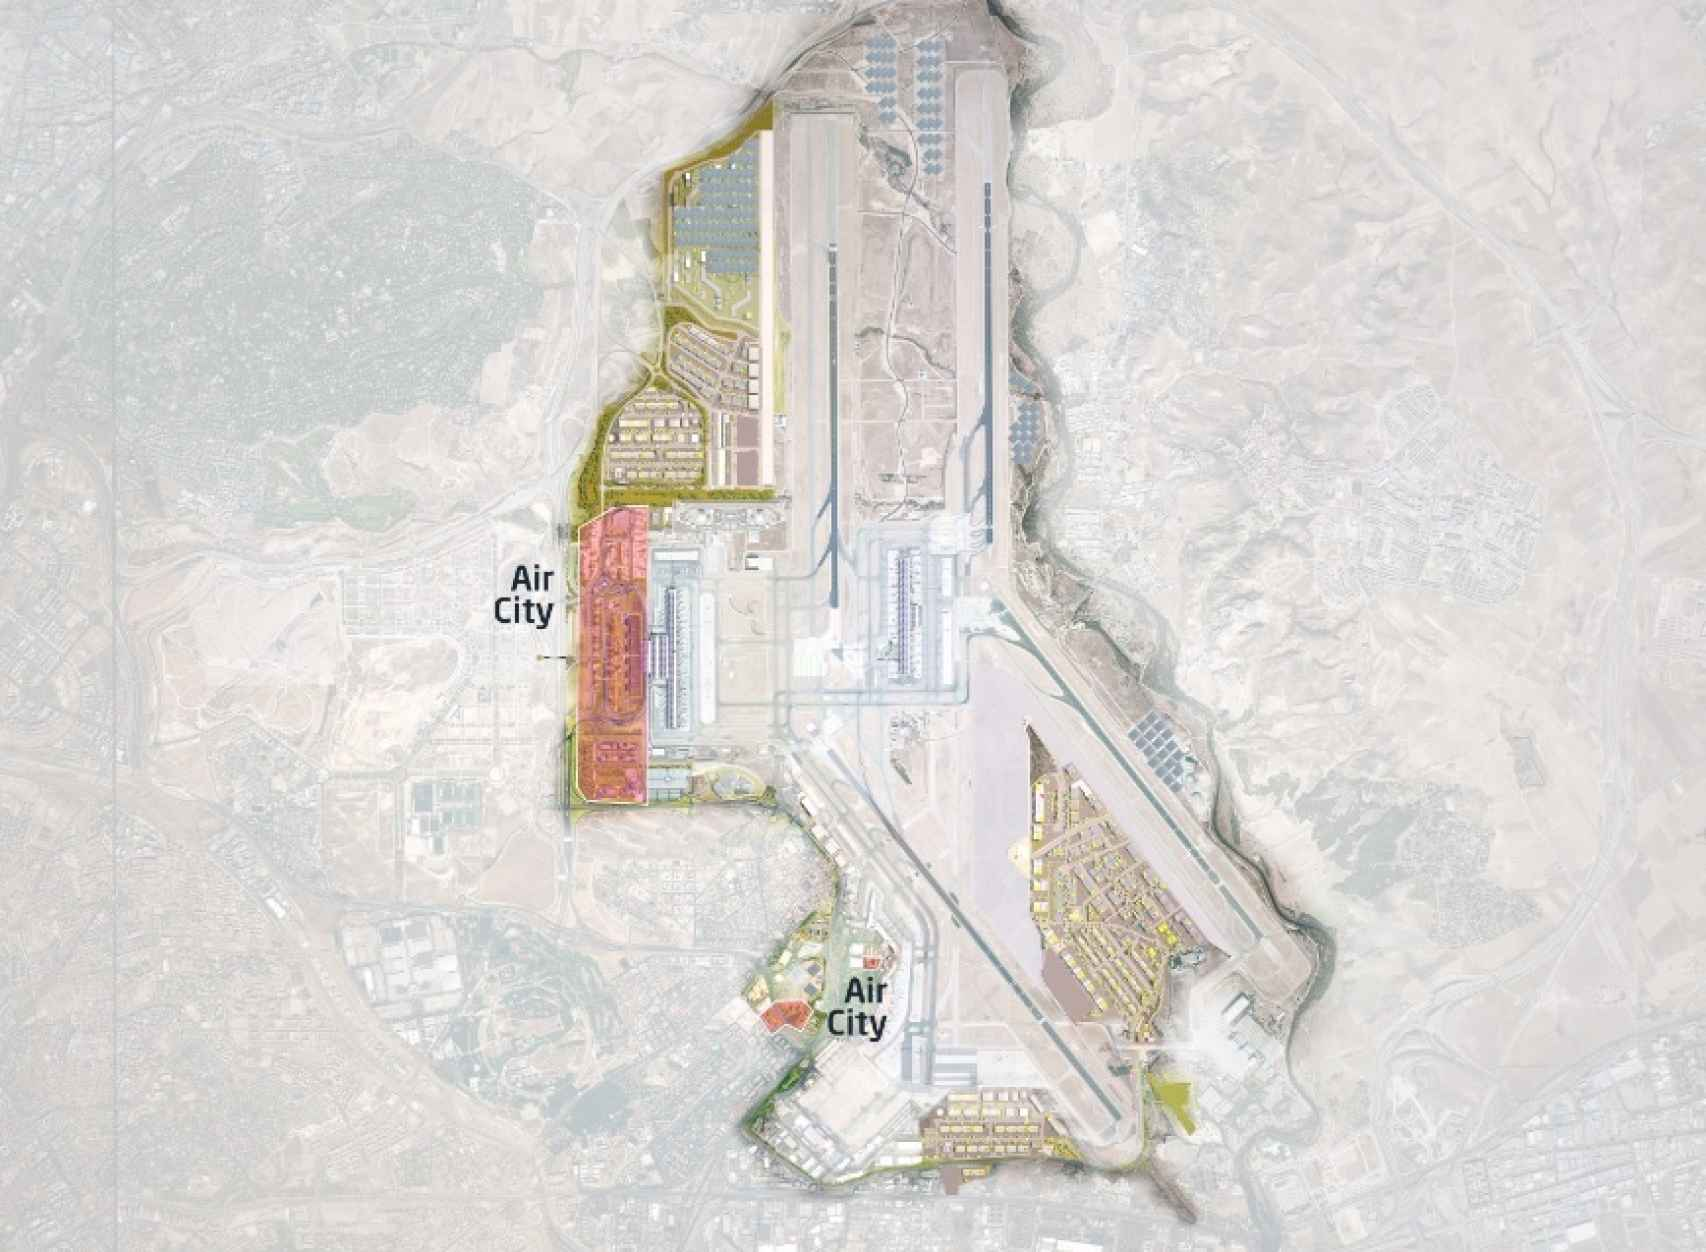 Plano del desarrollo de la Air City de Barajas. Fuente: Aena.